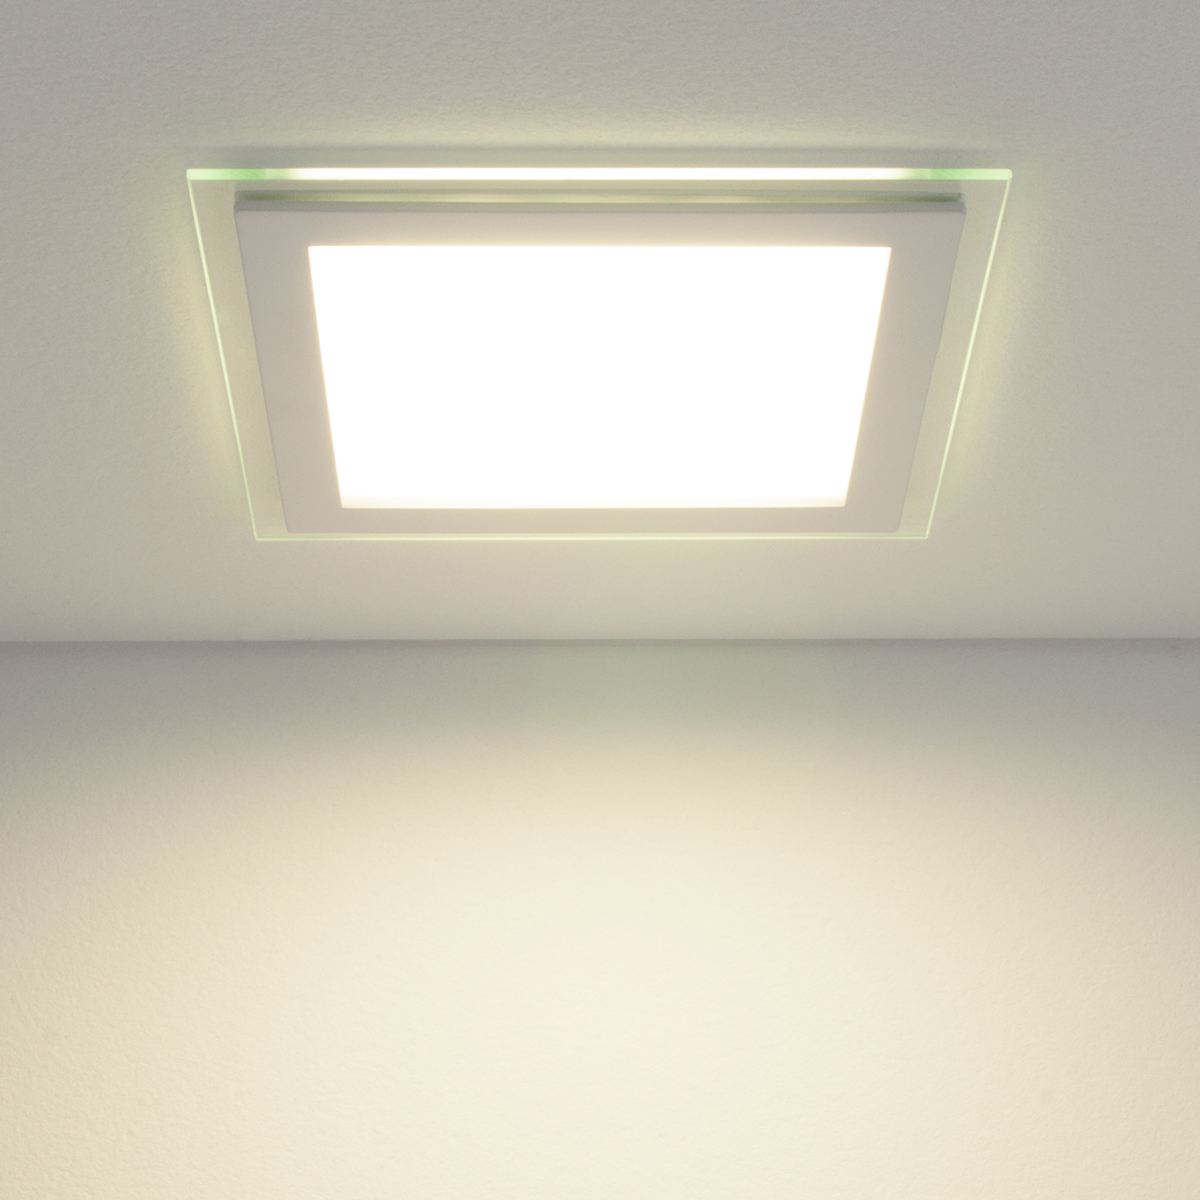 Встраиваемый светодиодный светильник DLKS200 18W 4200K белый